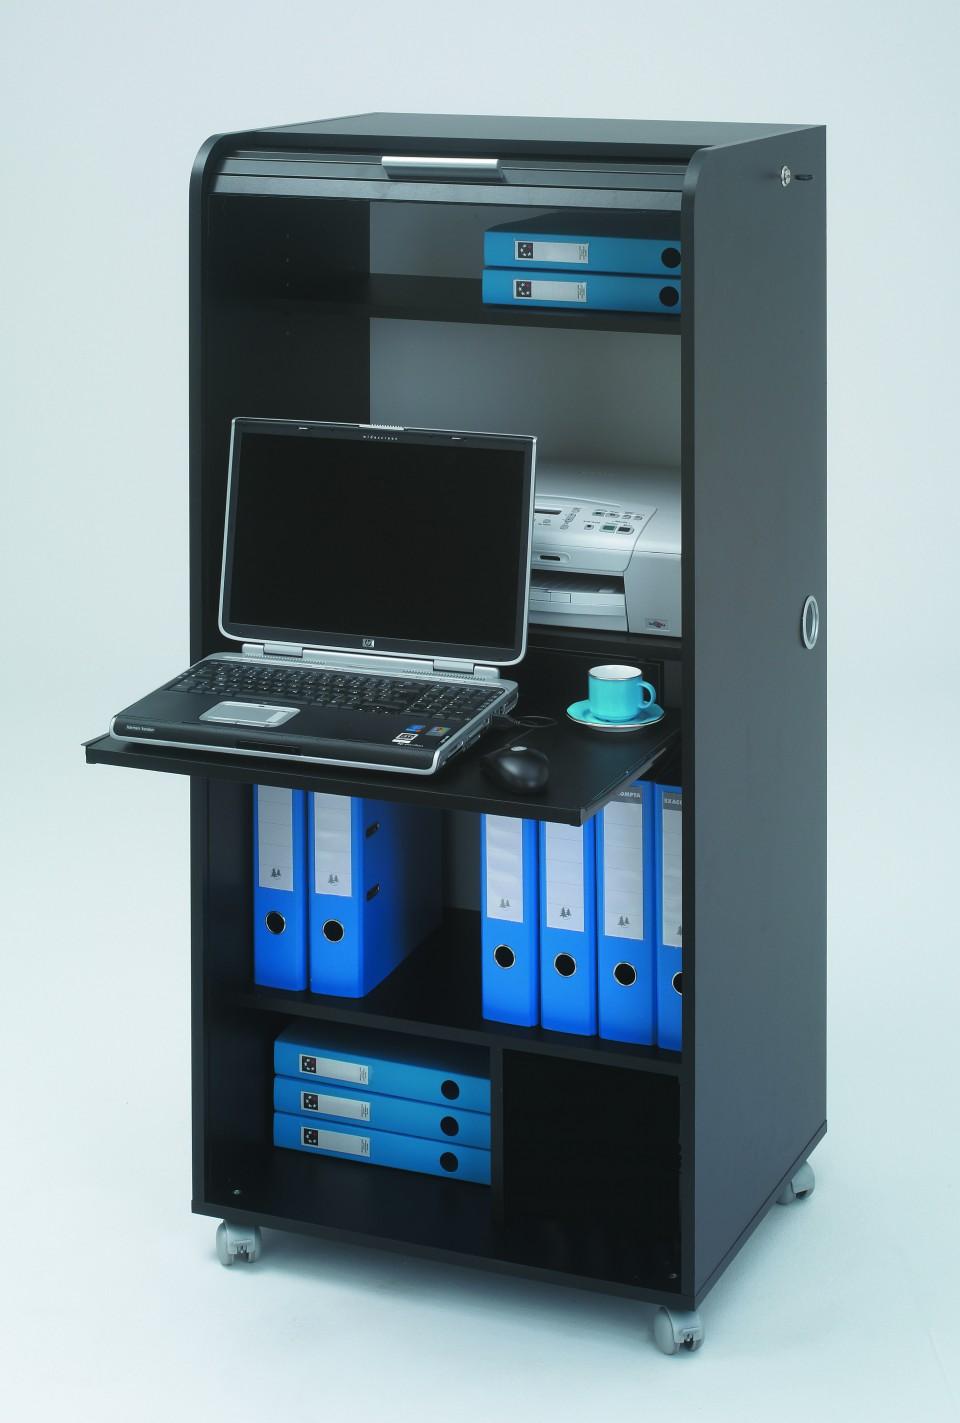 Secr taire informatique mobile - Meuble secretaire pour ordinateur ...